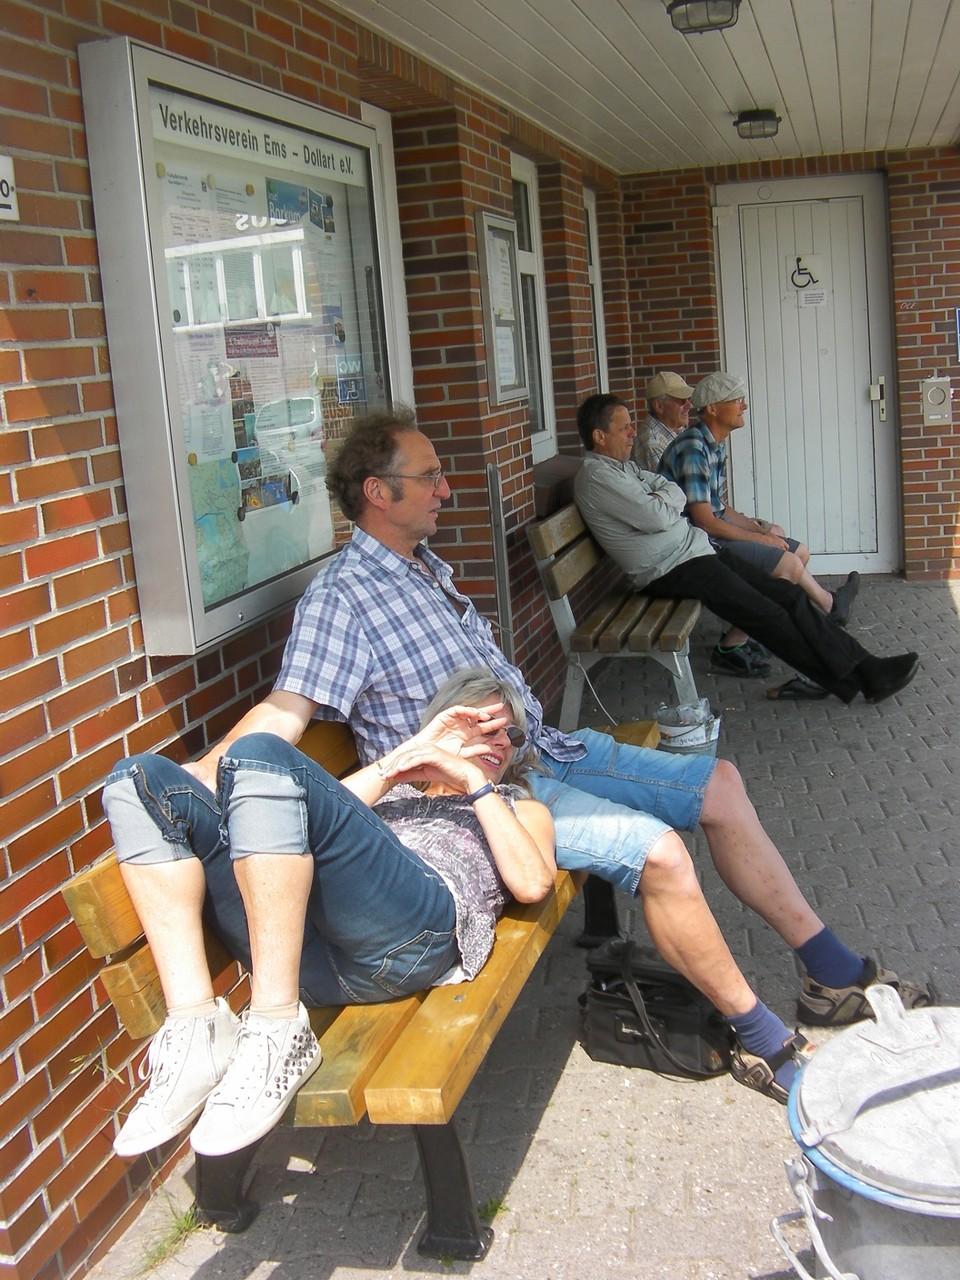 Warten auf das Fährschiff in Ditzum